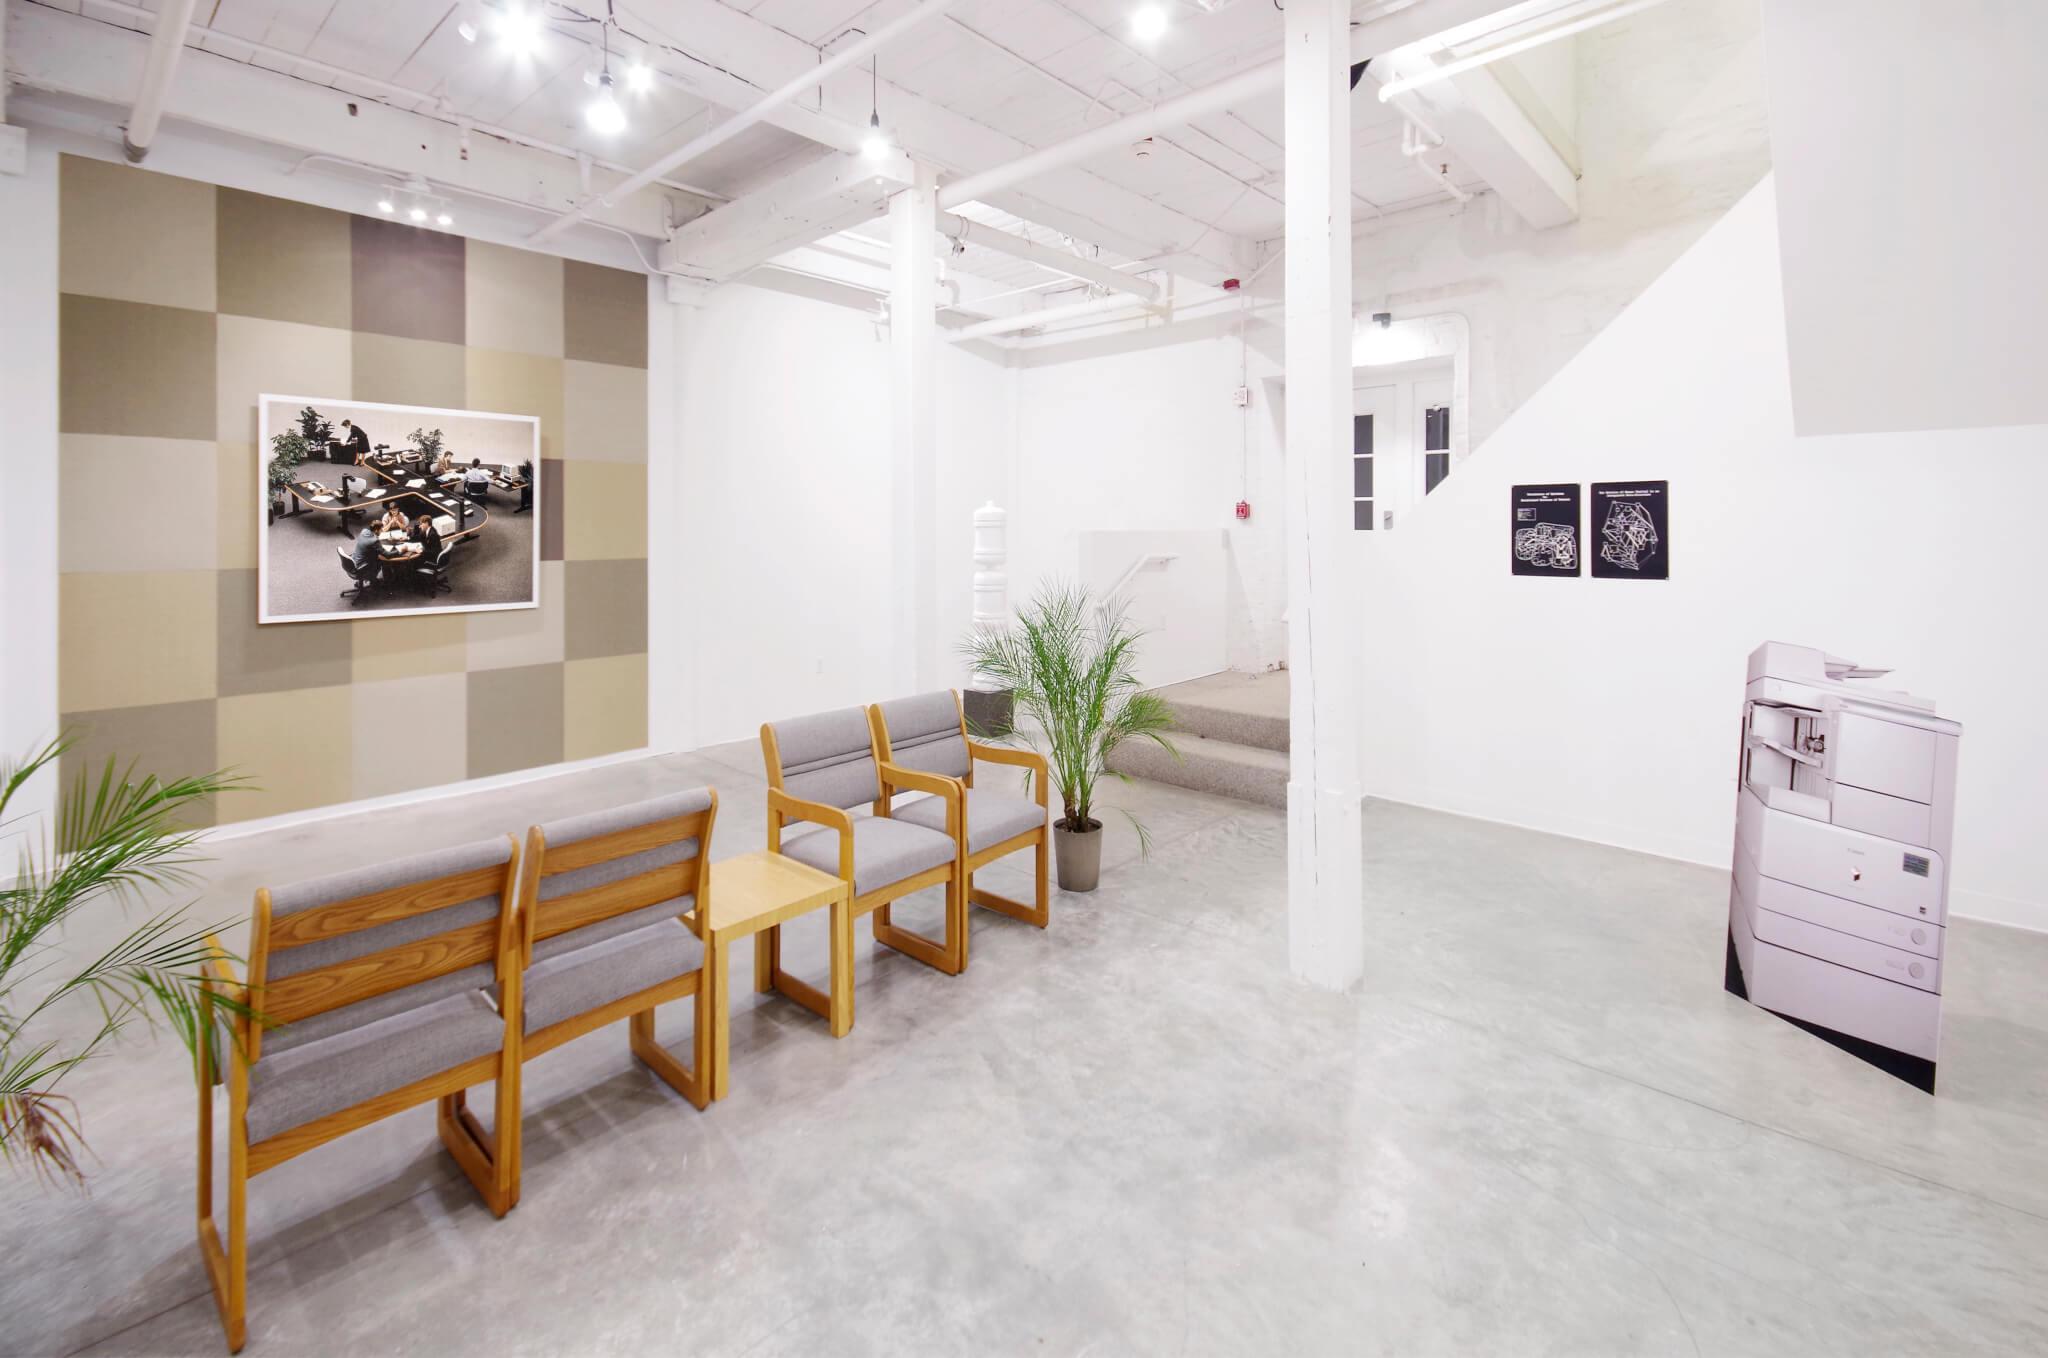 TTWSKNMBT Sandra Erbacher at GRIN Installation 07